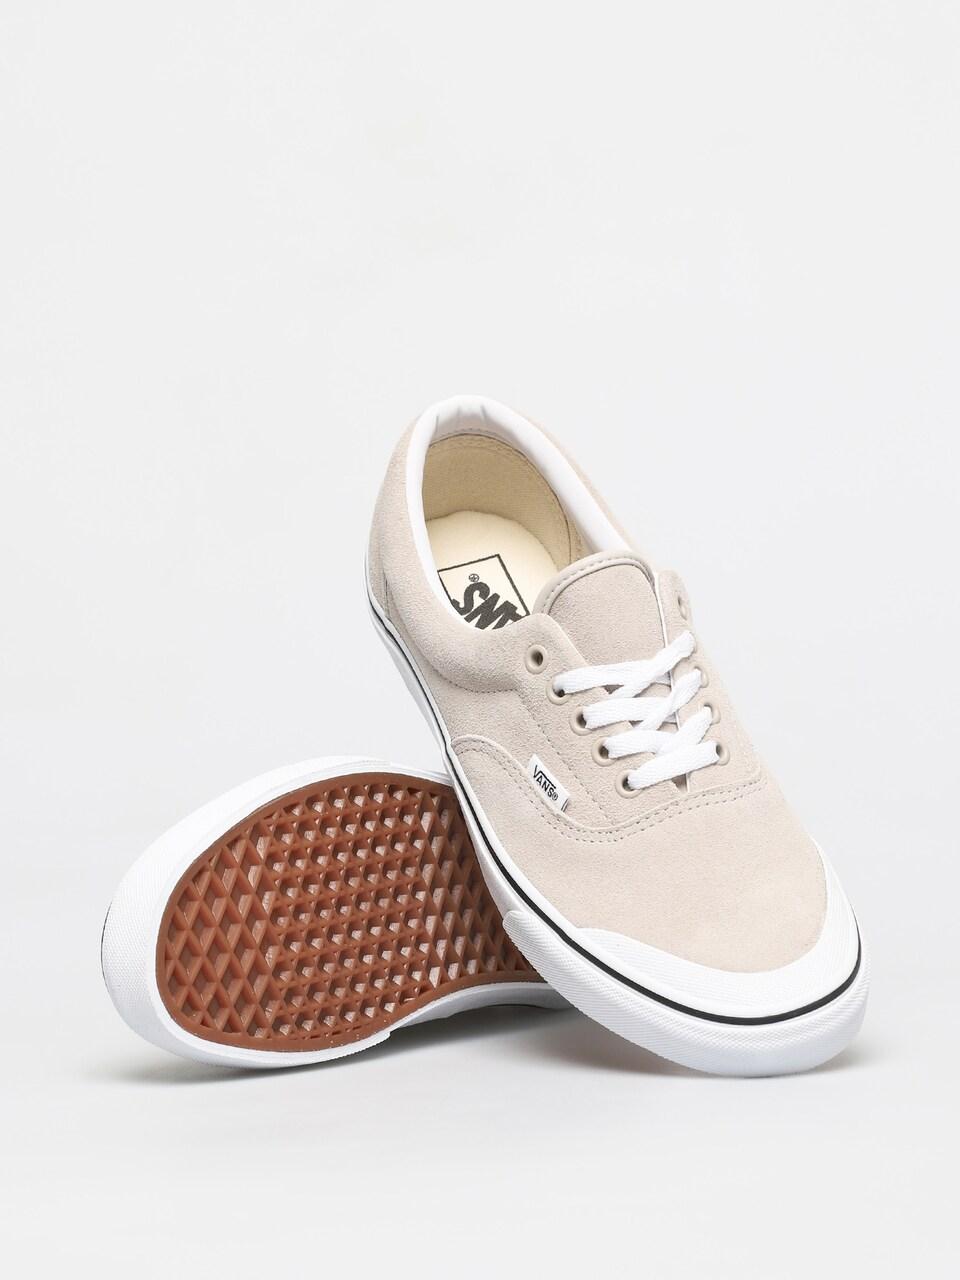 Vans Era Tc Shoes (suede rainy)